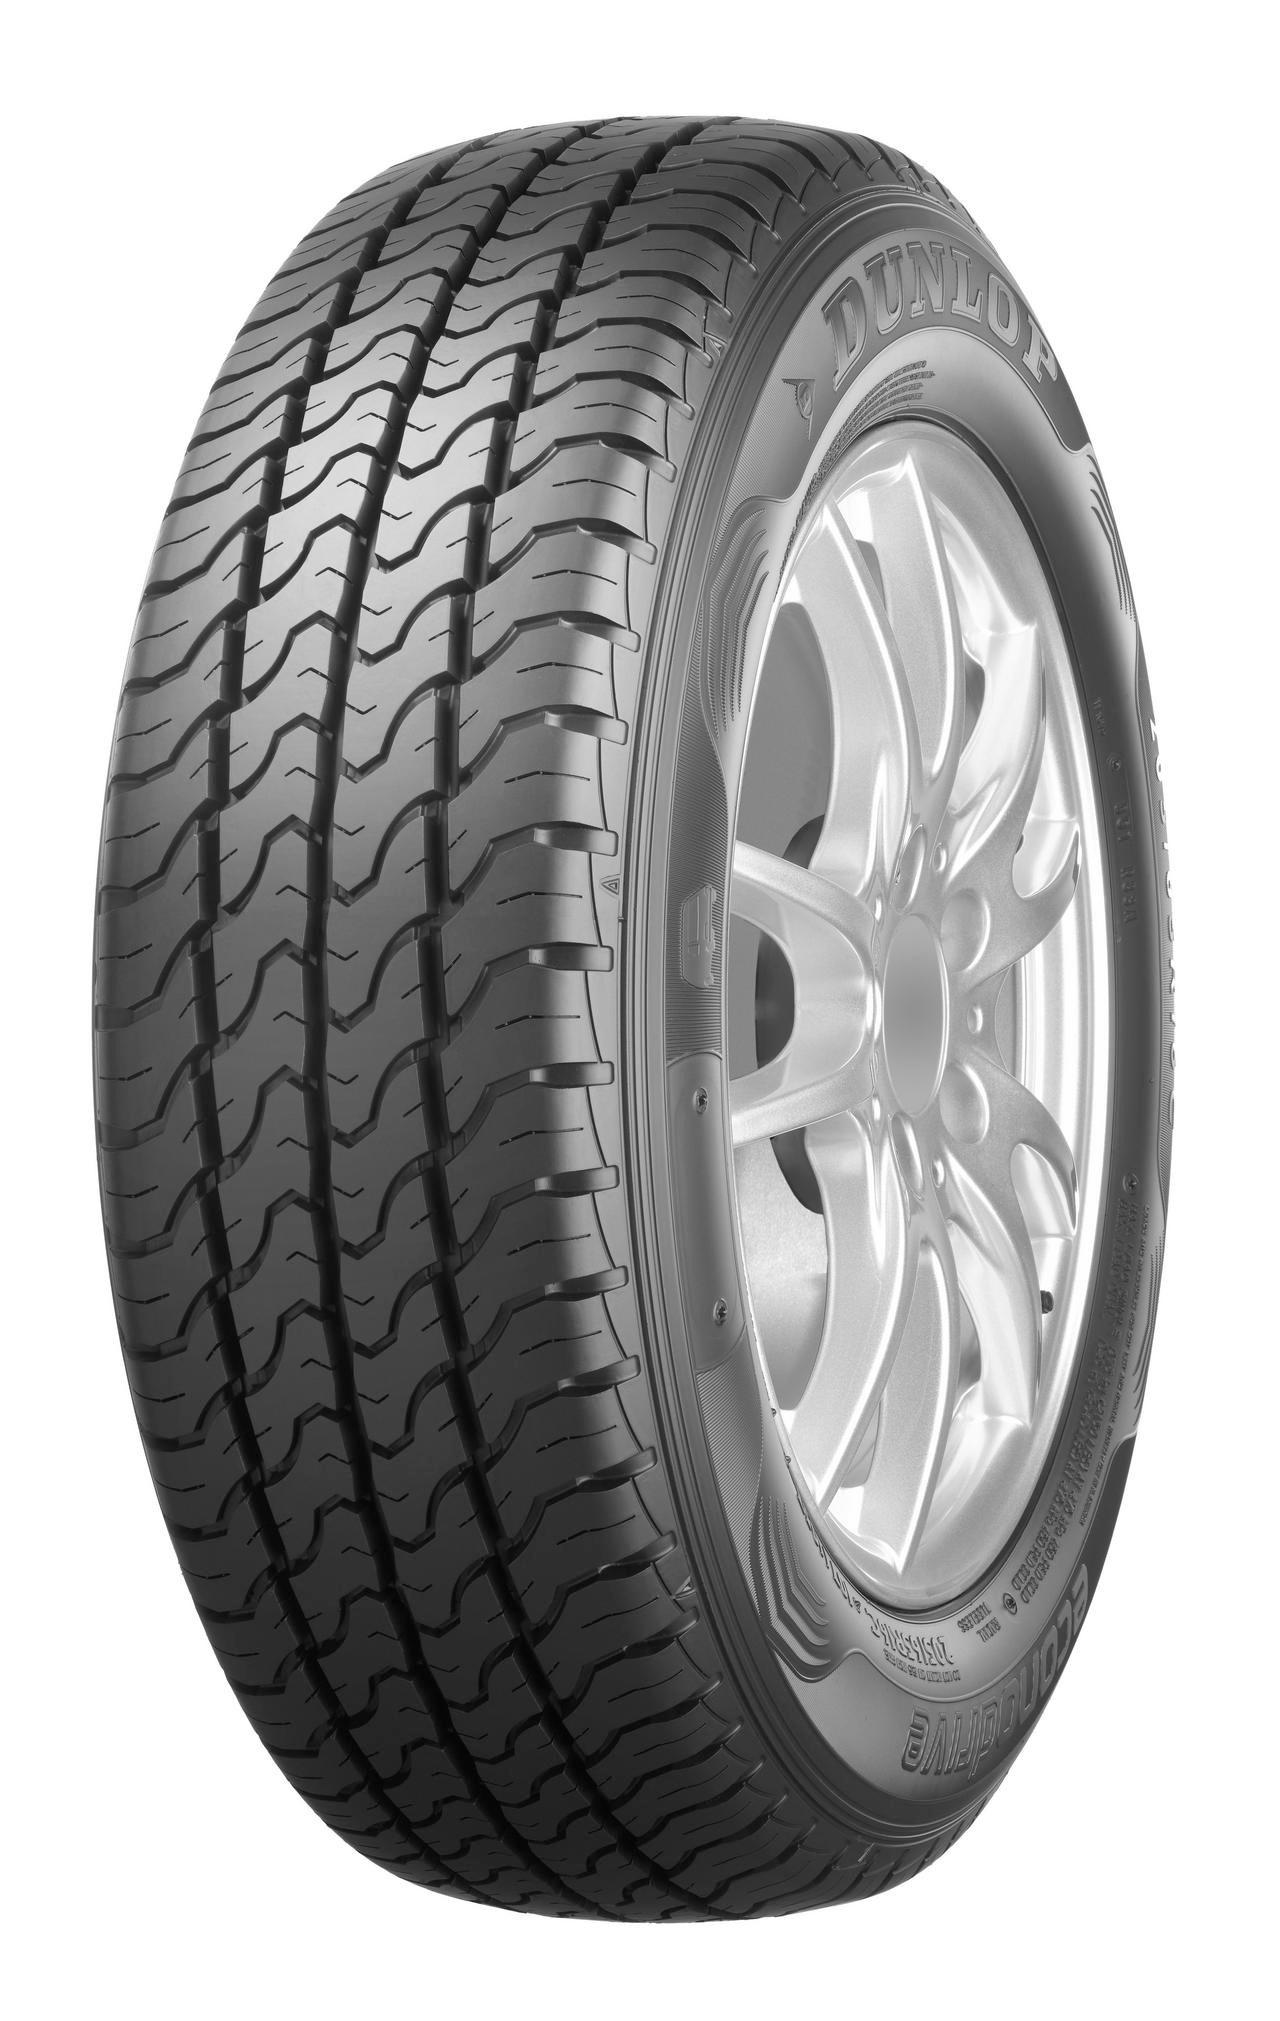 Anvelope Dunlop Econodrive 225/70R15C 112/110S Vara